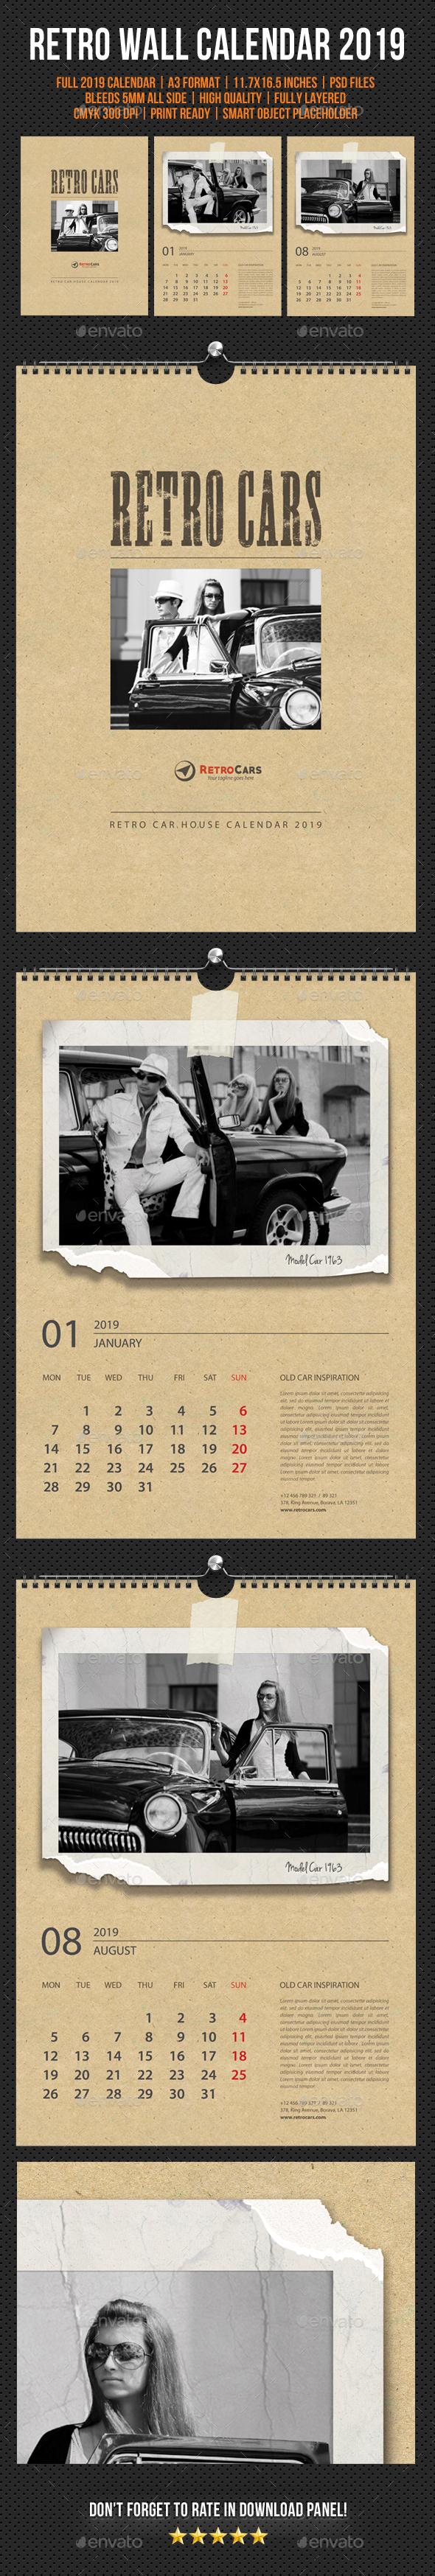 Wall Calendar 2019 Retro Photo - Calendars Stationery